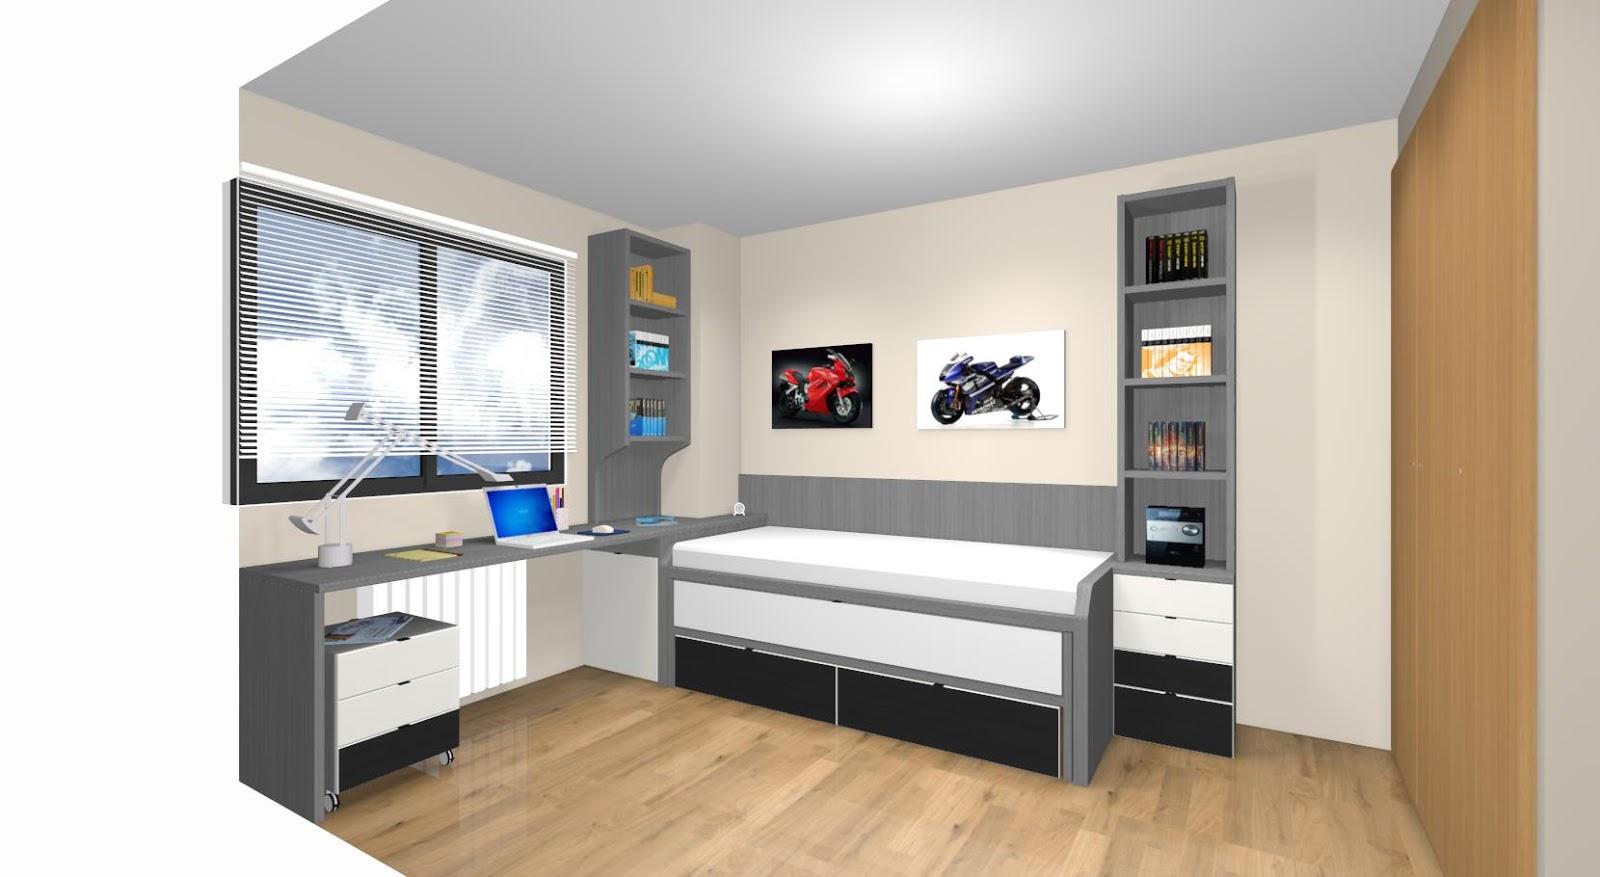 Dormitorios juveniles a medida con cama compacto - Dormitorios infantiles madrid ...